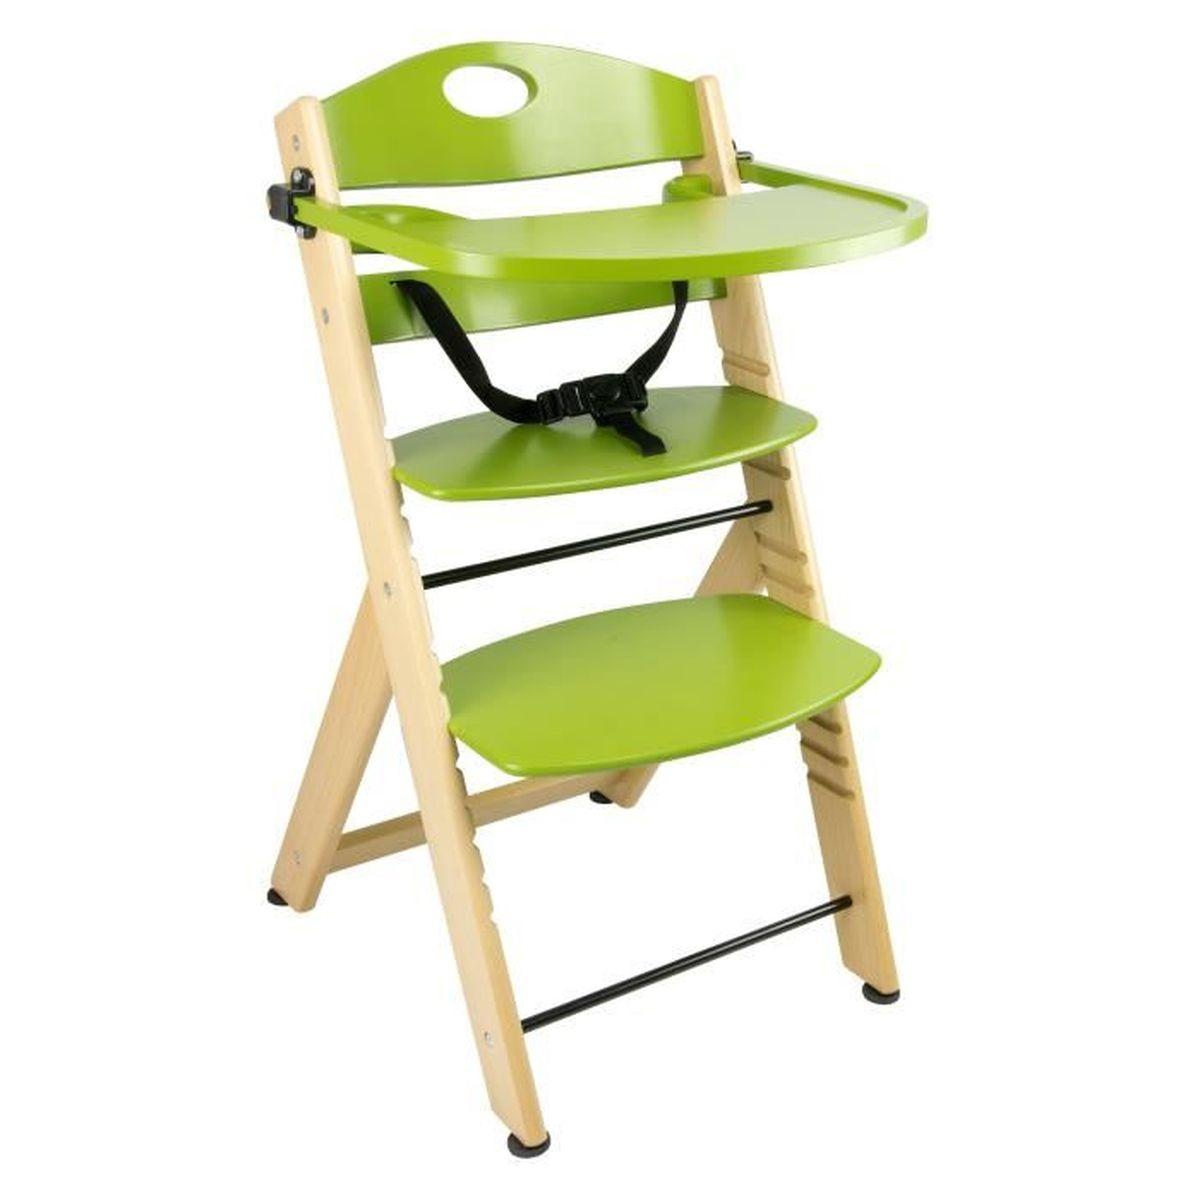 Chaise en bois prix chaise accoudoirs bois 28 images for Solde plante interieur